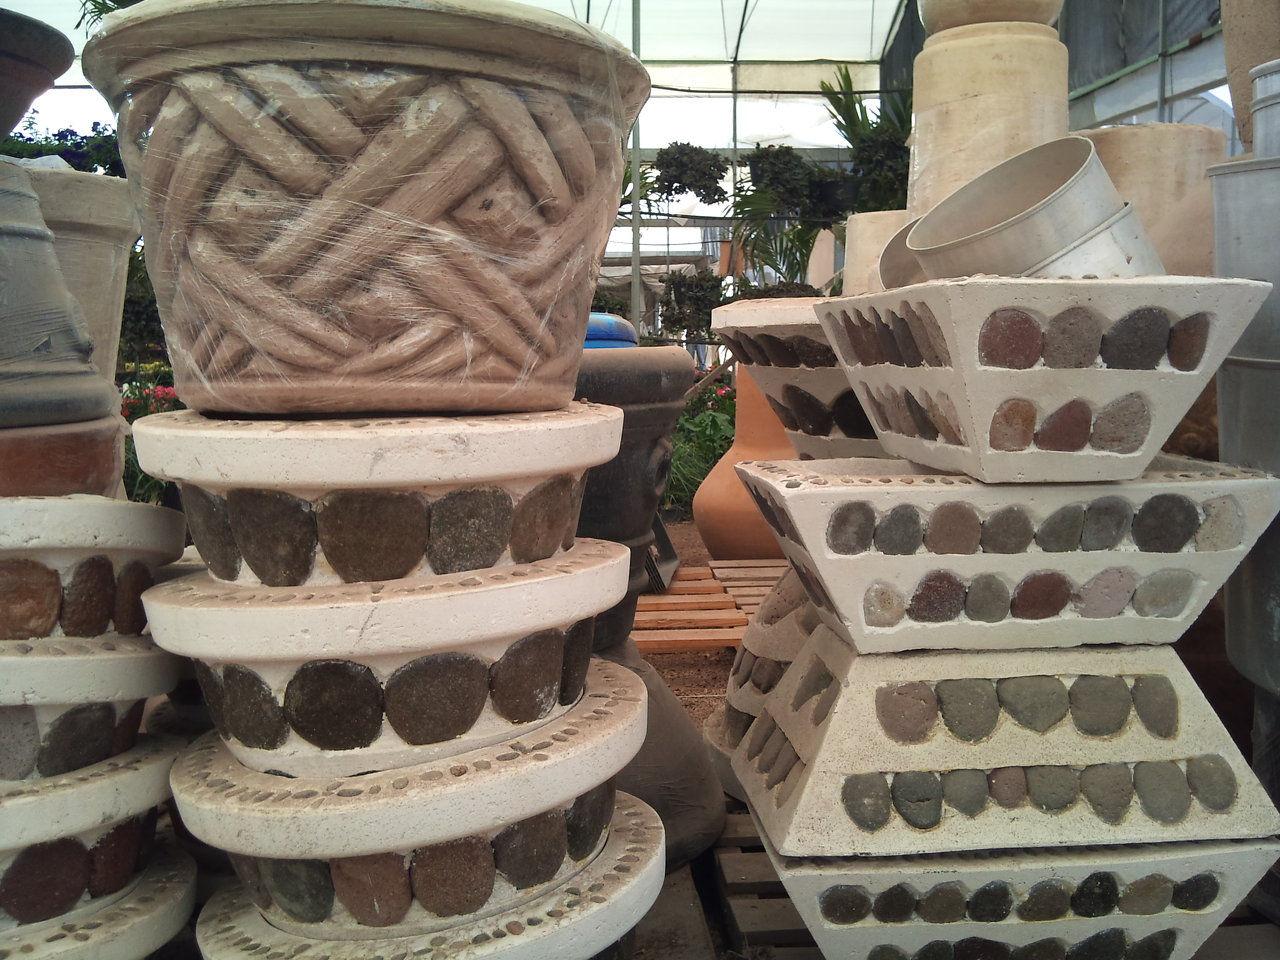 Viveros rancho calderon accesorios - Macetas de piedra para jardin ...